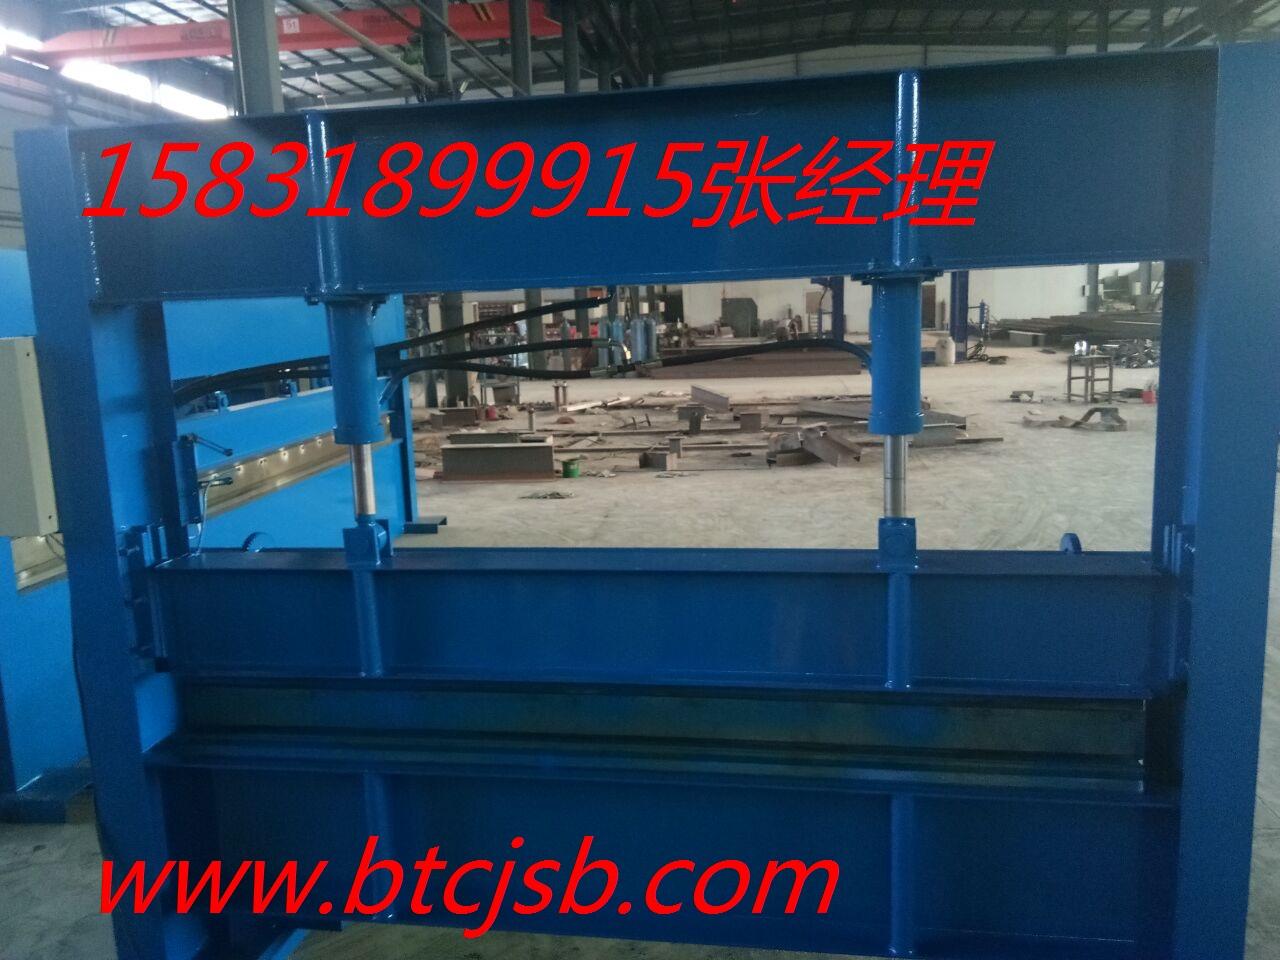 1.5米金刚网折弯机的生产厂家 河北1.5米金刚网折弯机的厂家